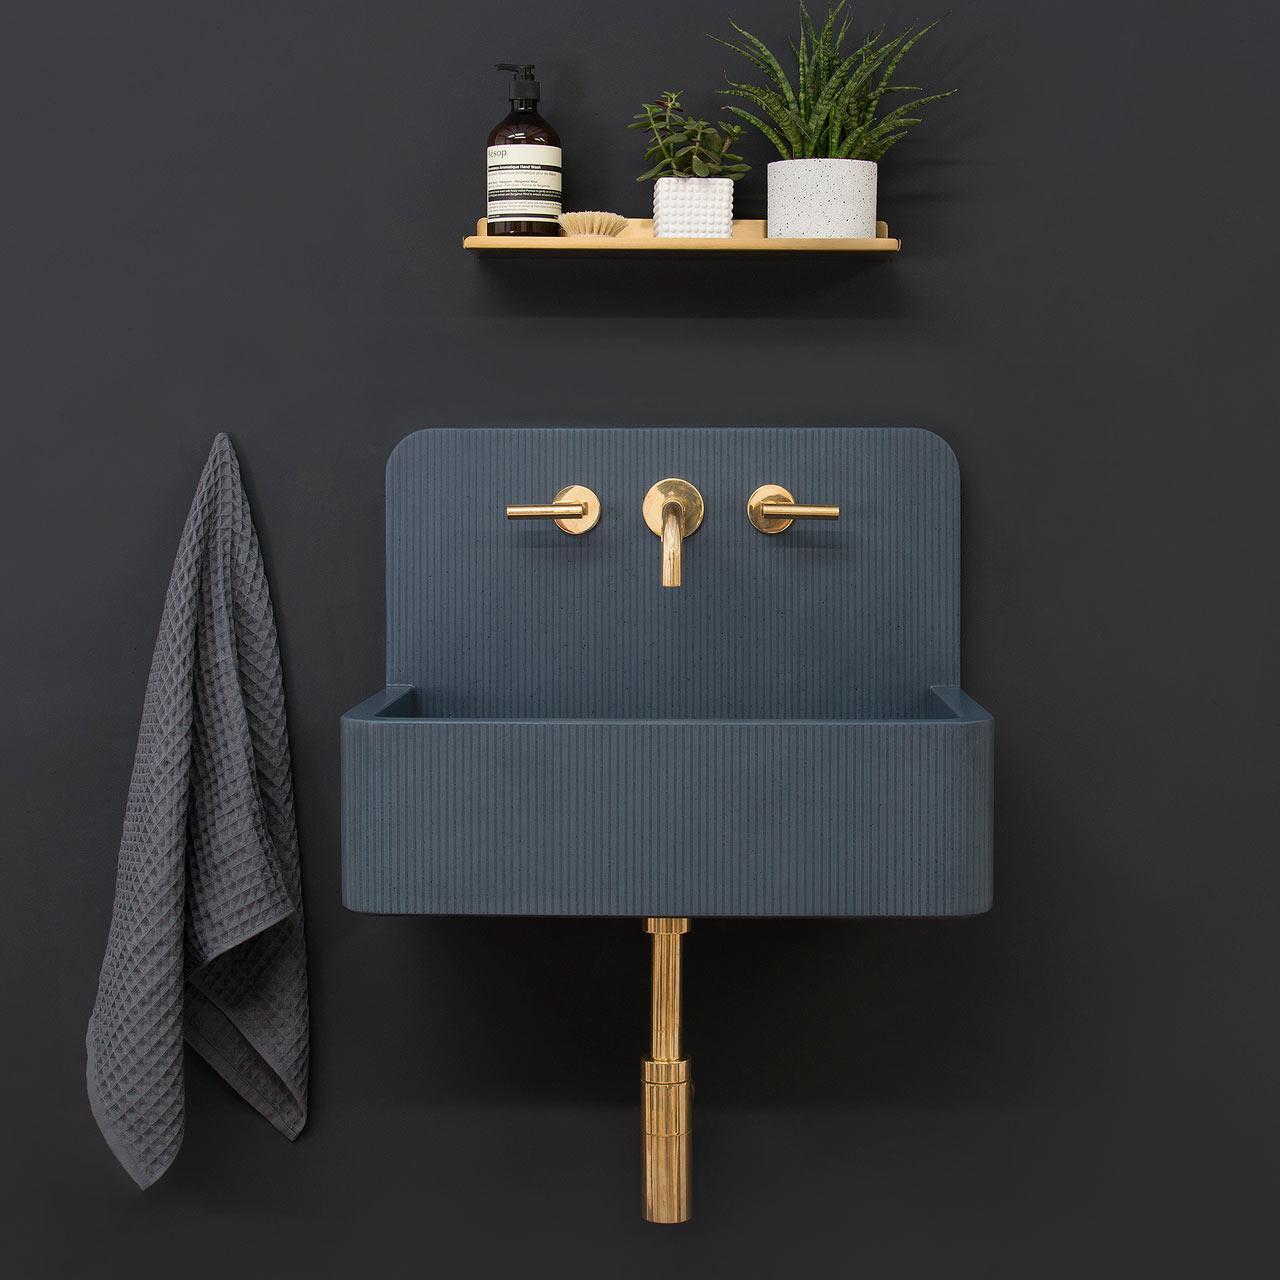 Mooie wastafels met geometrische patronen